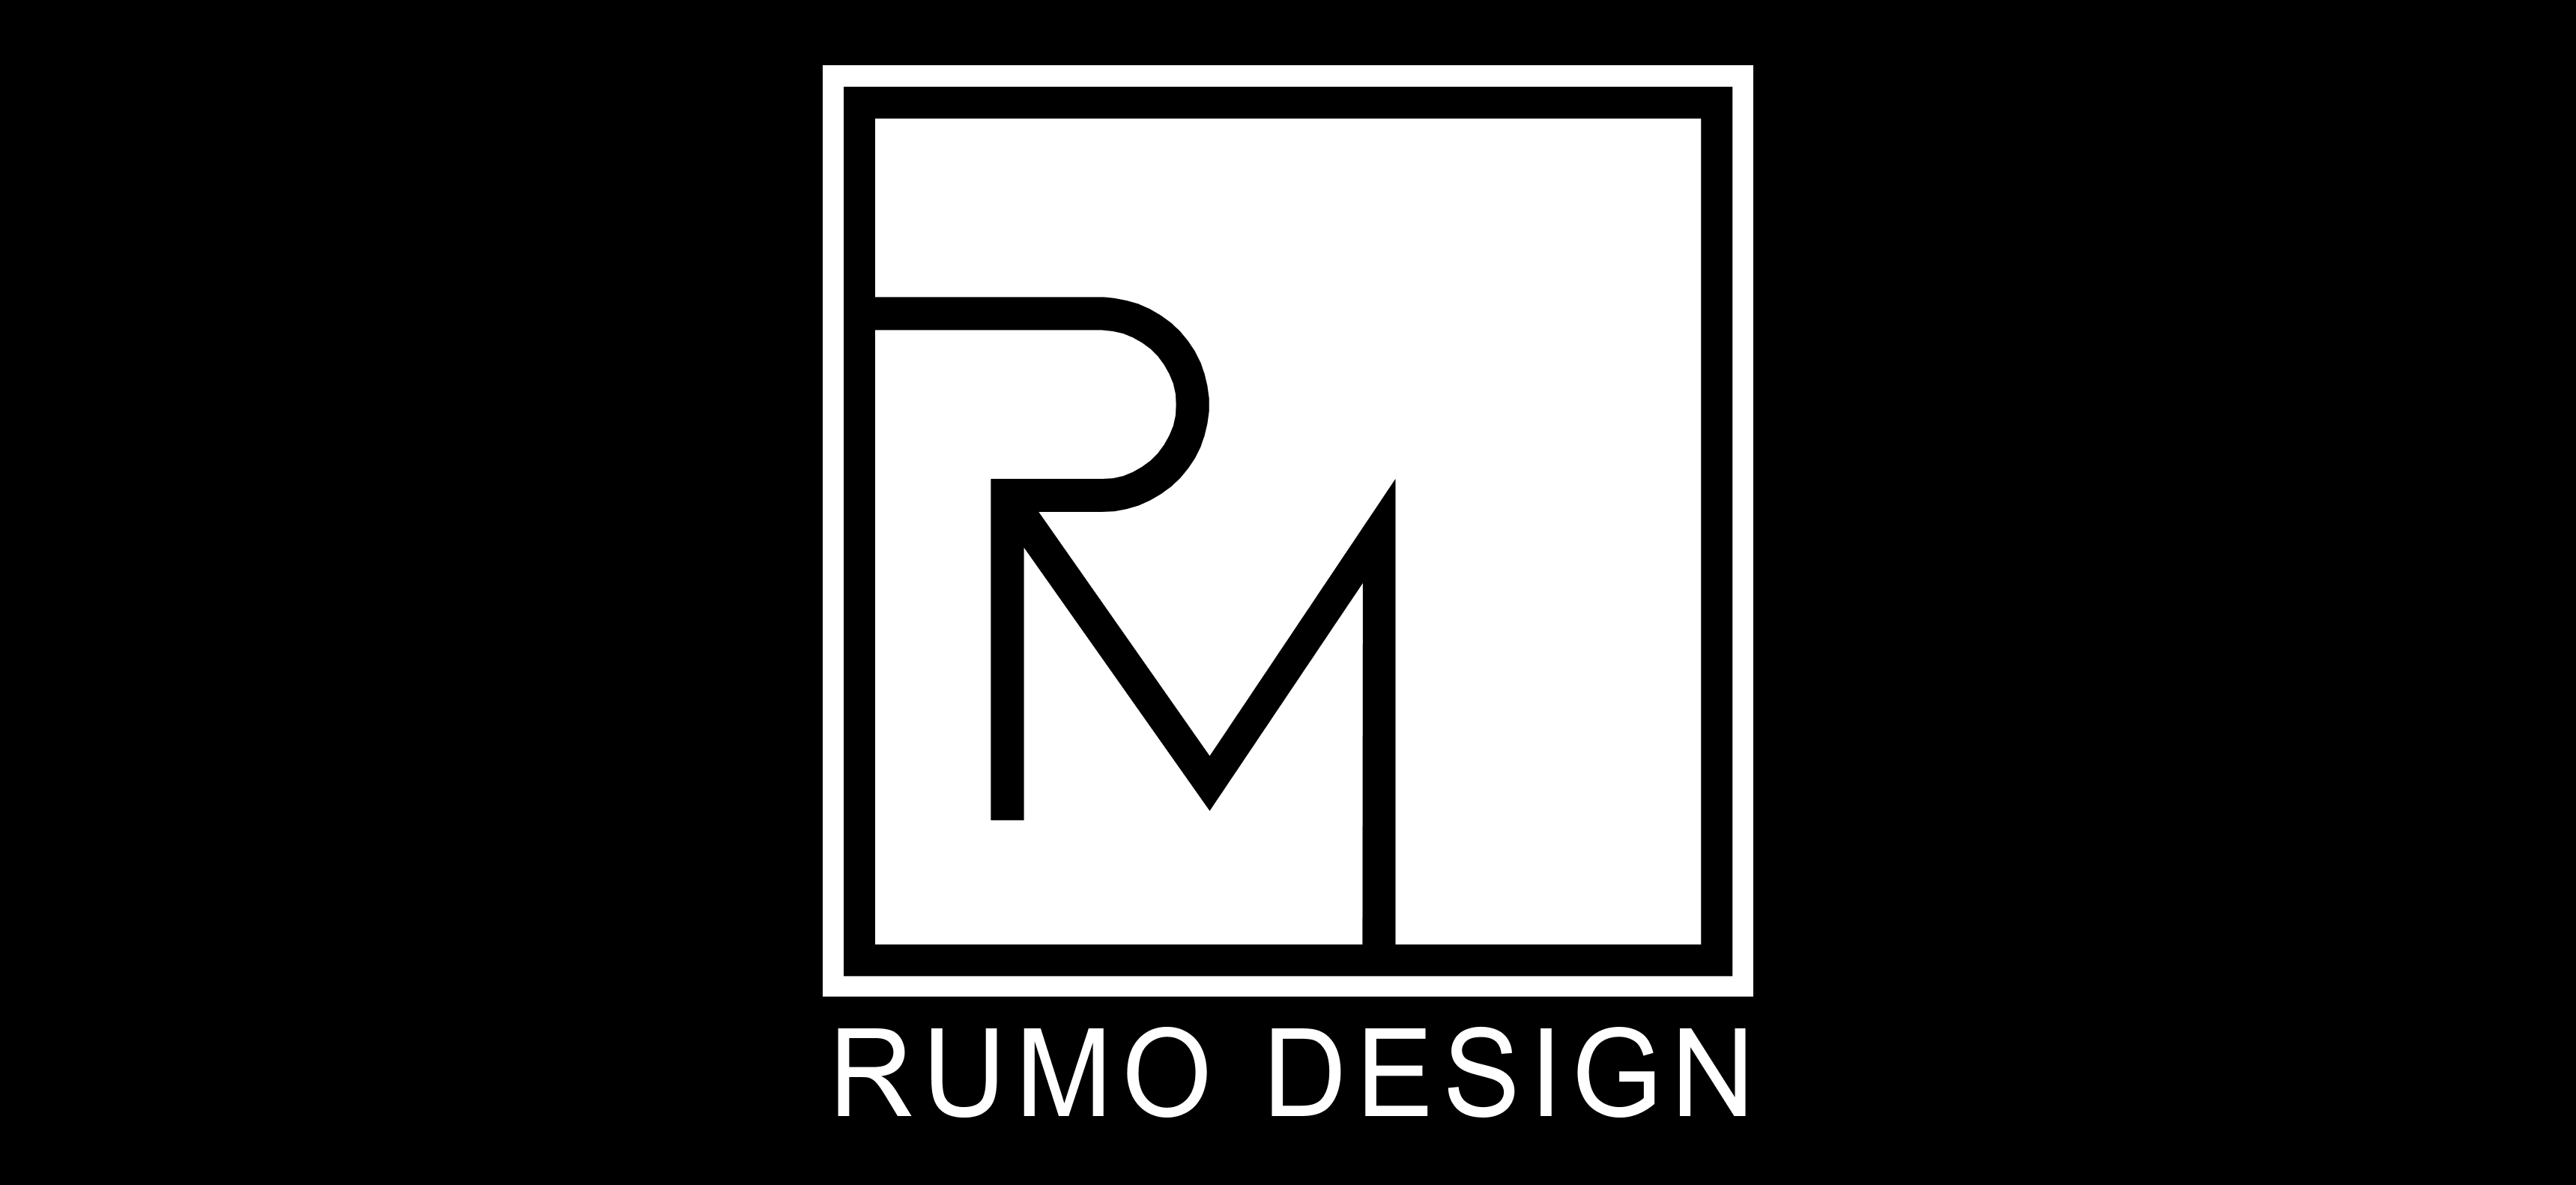 RMD如墨设计|狂揽14奖项,以奢适空间作品向世界传递江南魅力